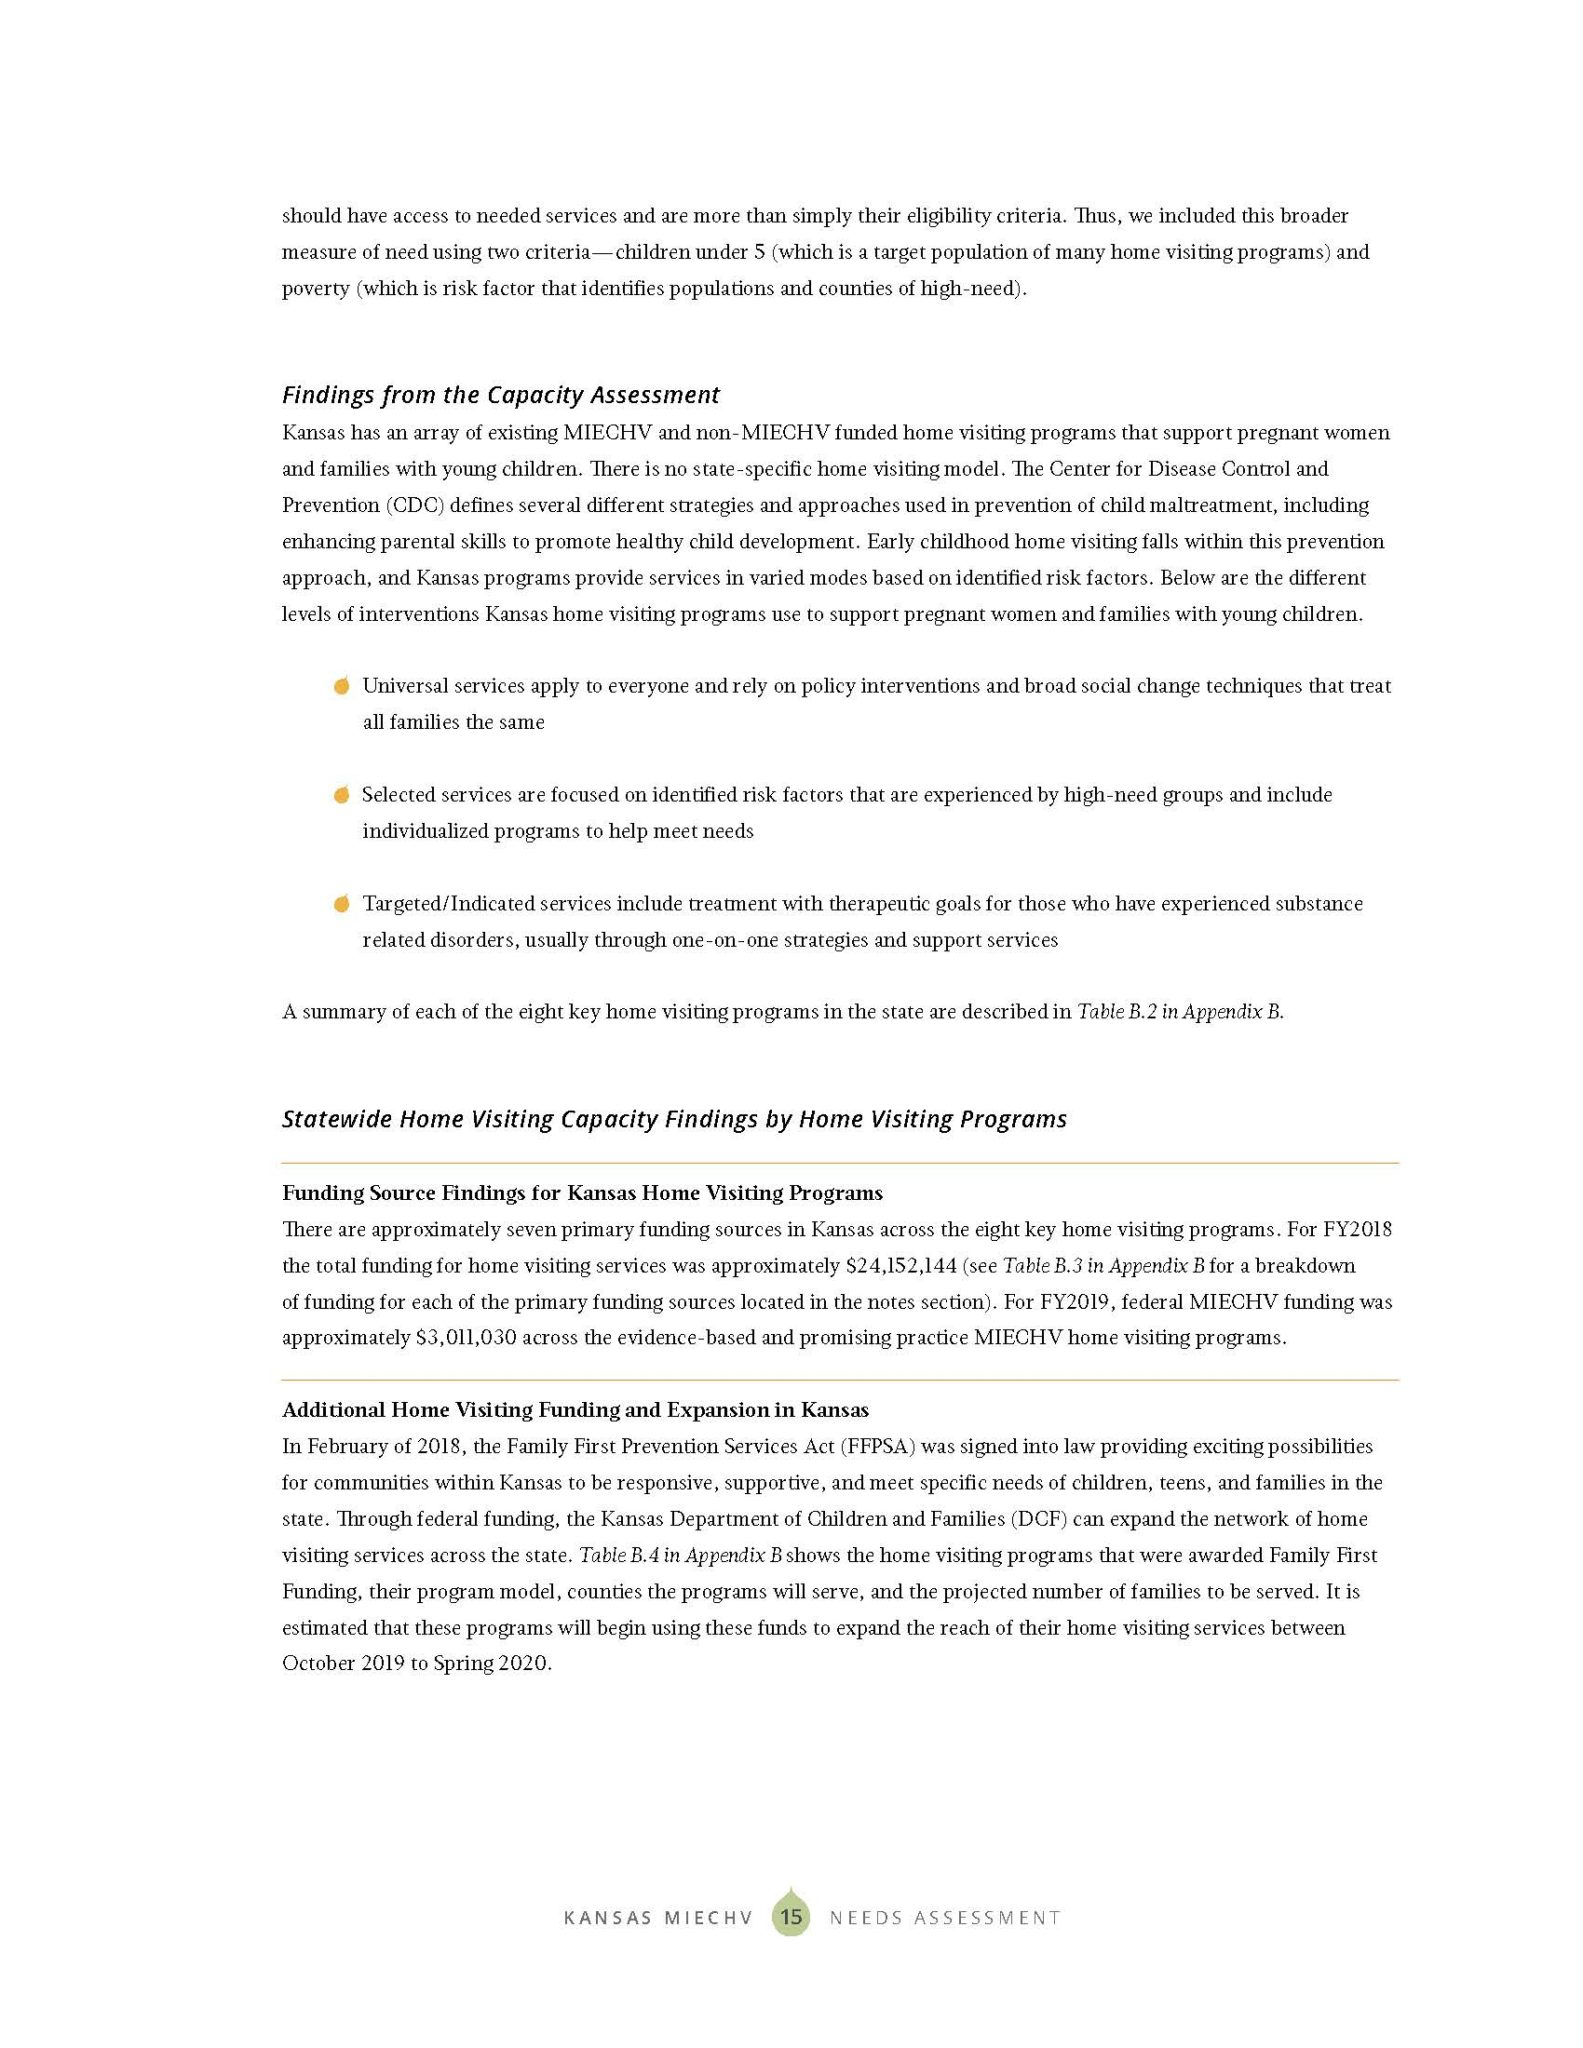 KS MIECHV 2020 Needs Assessment_DIGITAL_Page_023